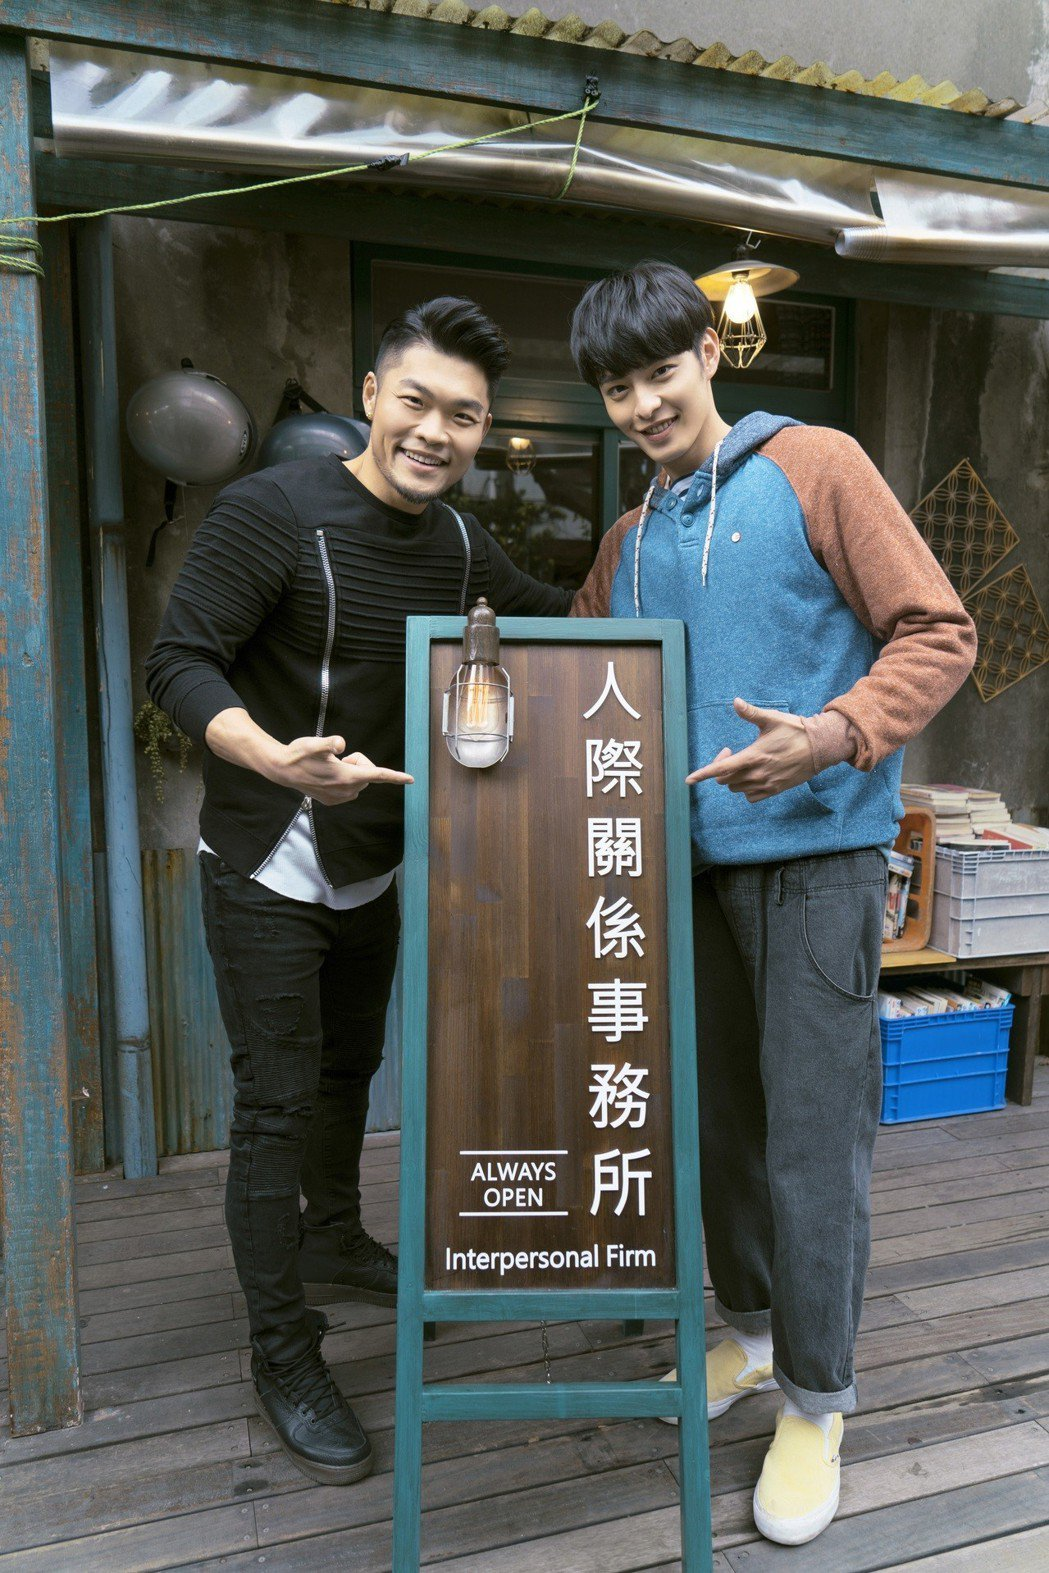 李玖哲(左)客串「人際關係事務所」,曹佑寧秒變小粉絲。圖/歐銻銻娛樂提供